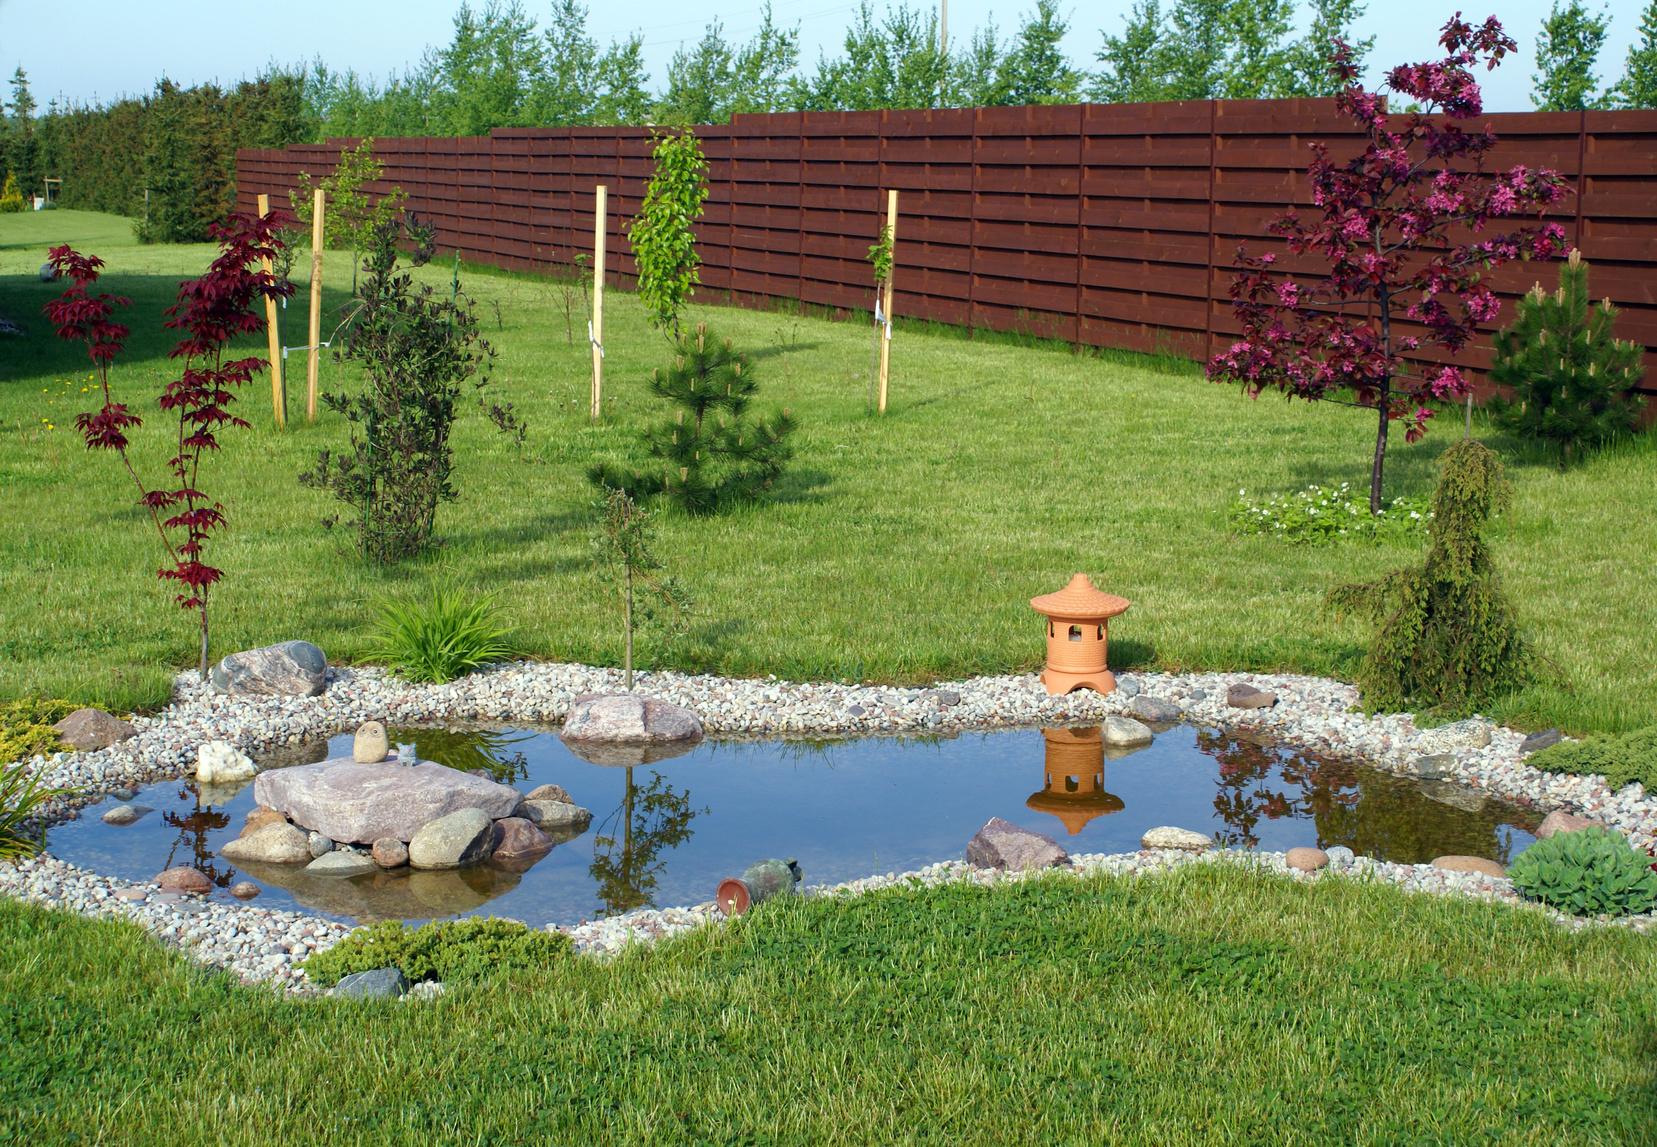 Construire Un Bassin De Jardin En 7 Étapes - Le Tuto De Mon ... encequiconcerne Plante Bassin De Jardin